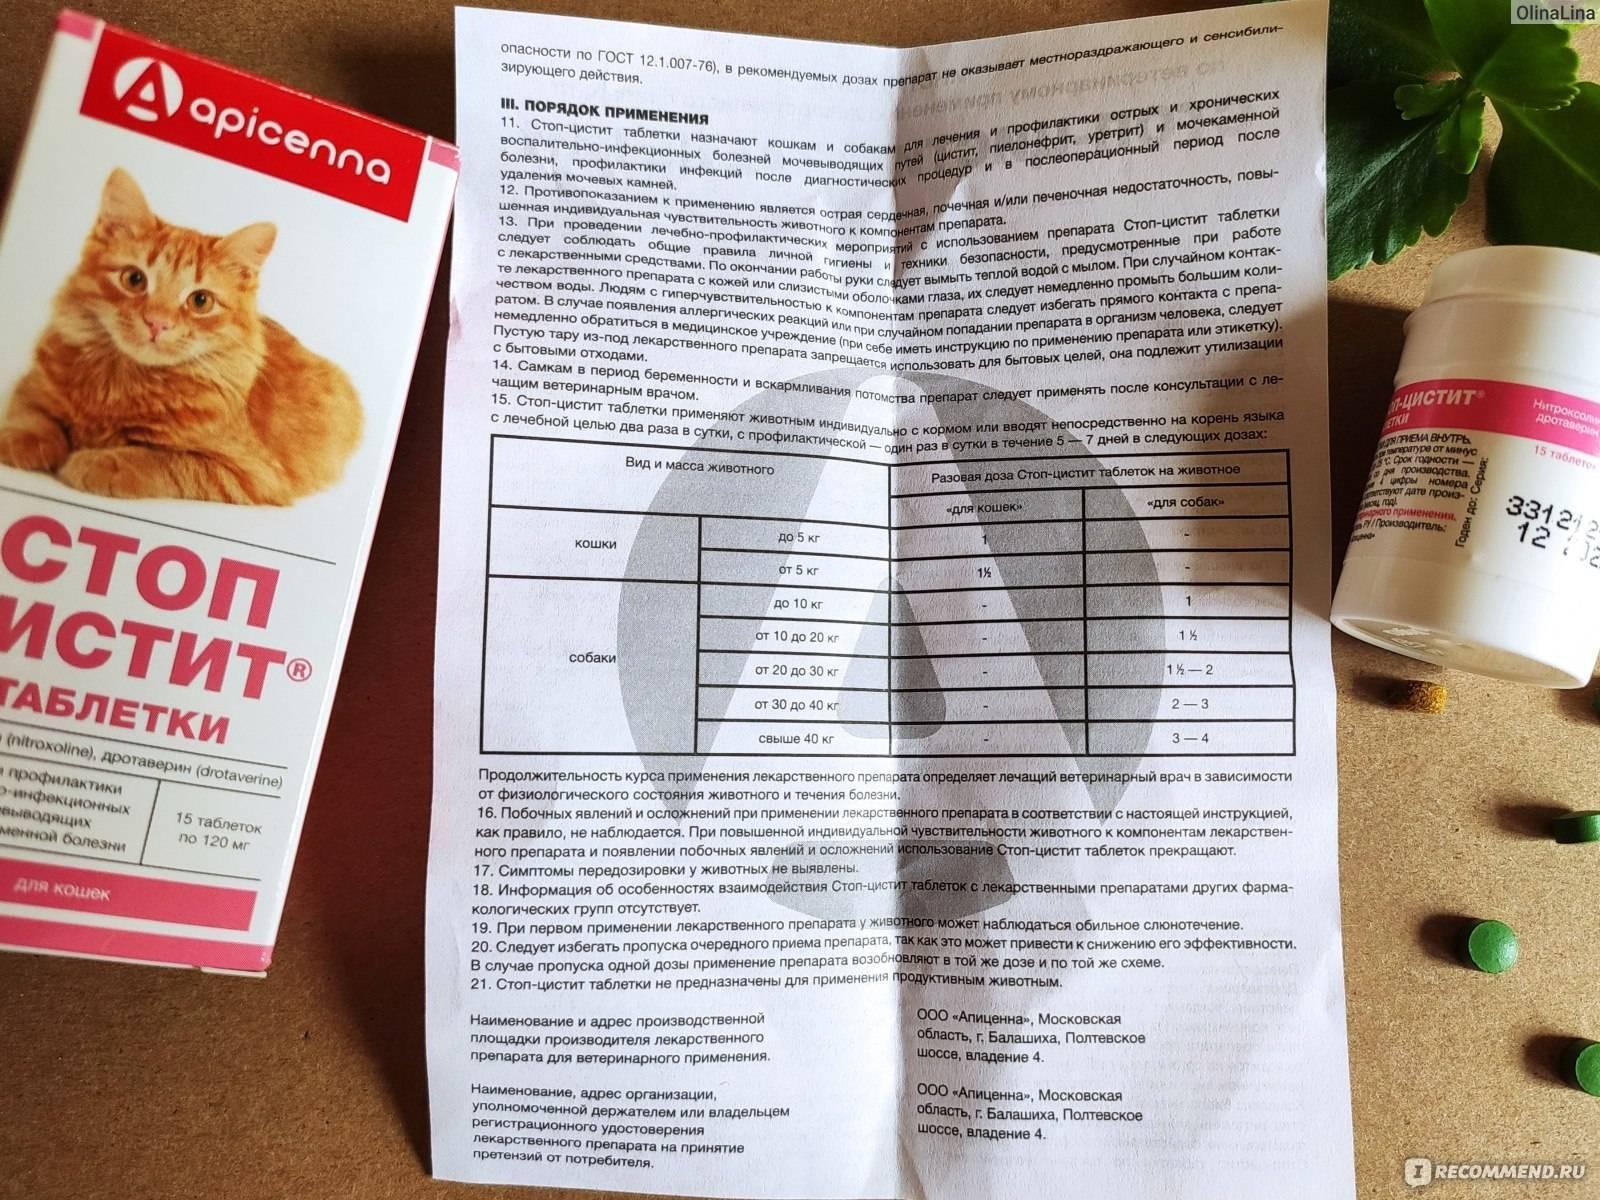 Идиопатический цистит кошек — симптомы, лечение, профилактика